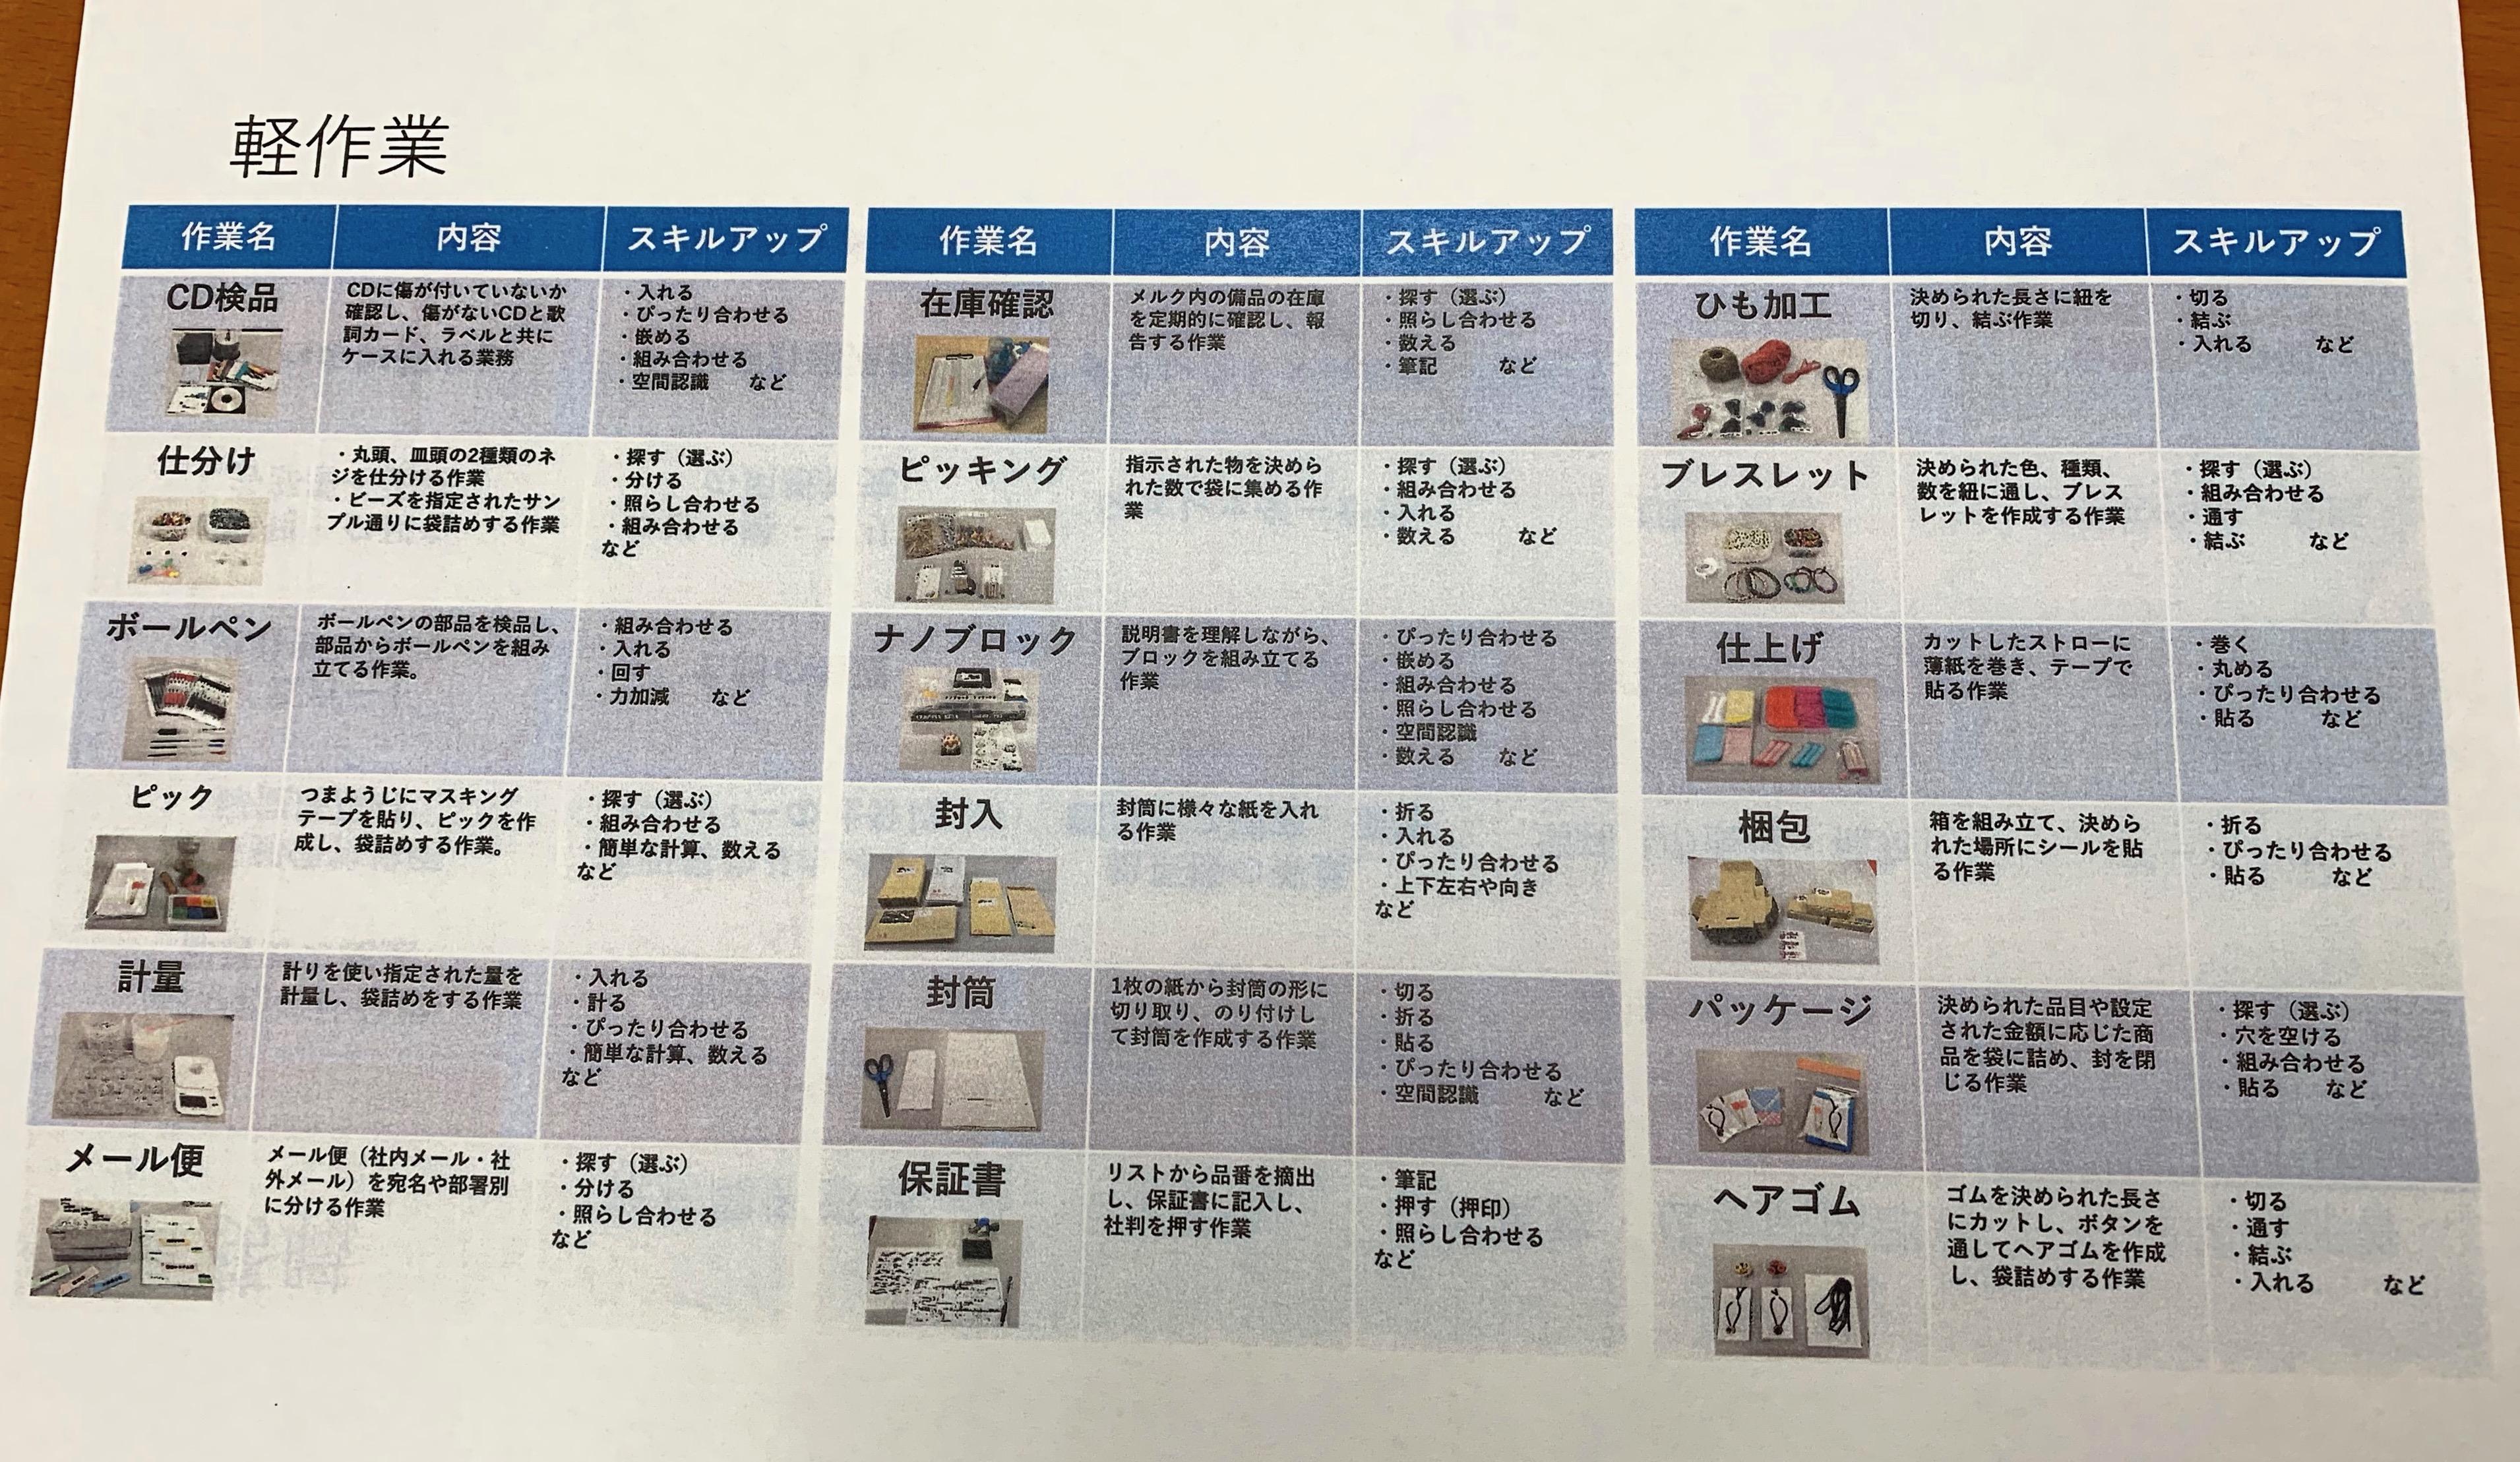 川崎砂子事業所の軽作業系業務の一覧